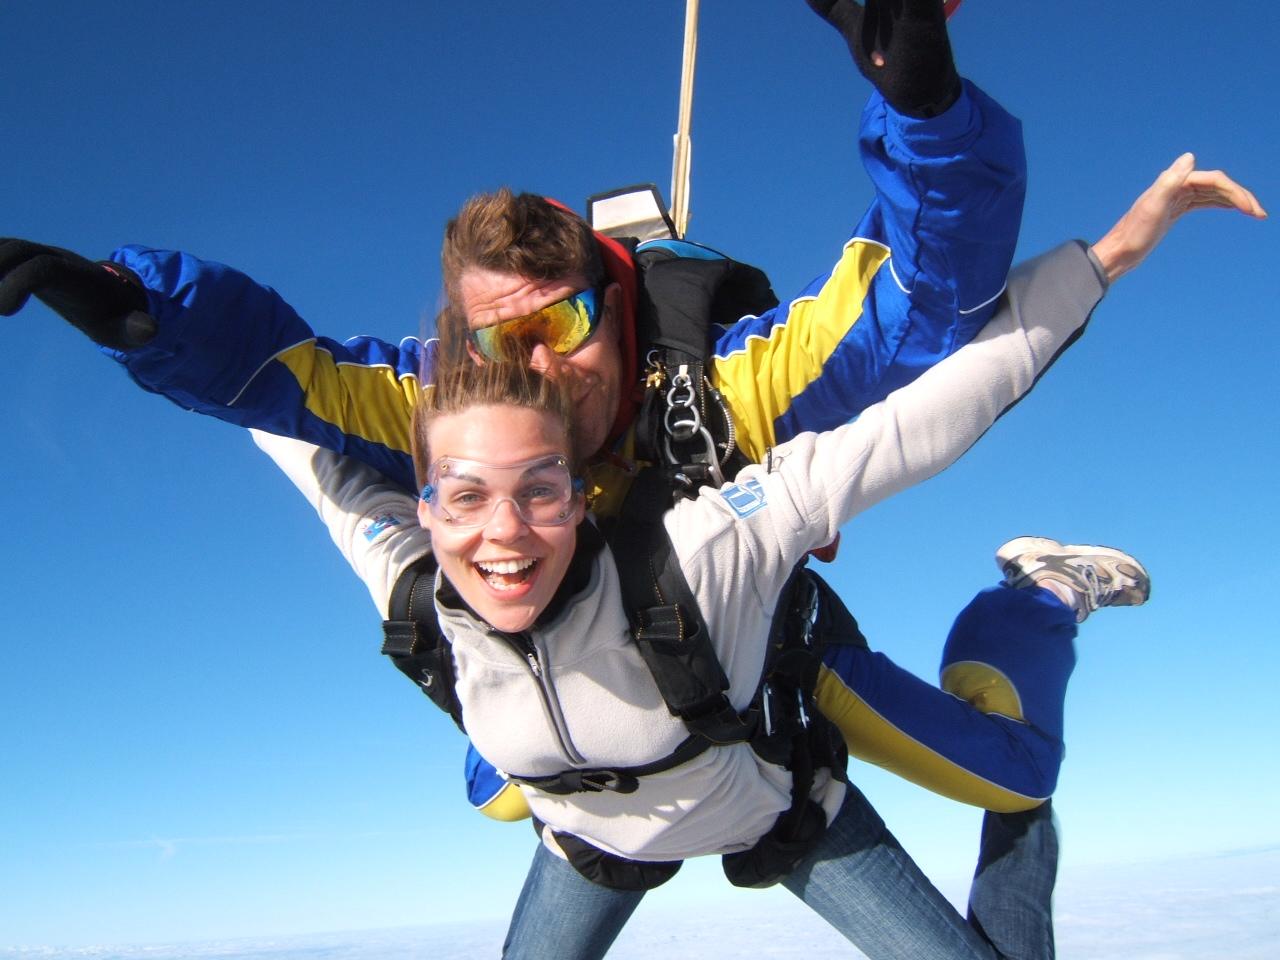 saut en parachute 2 personnes